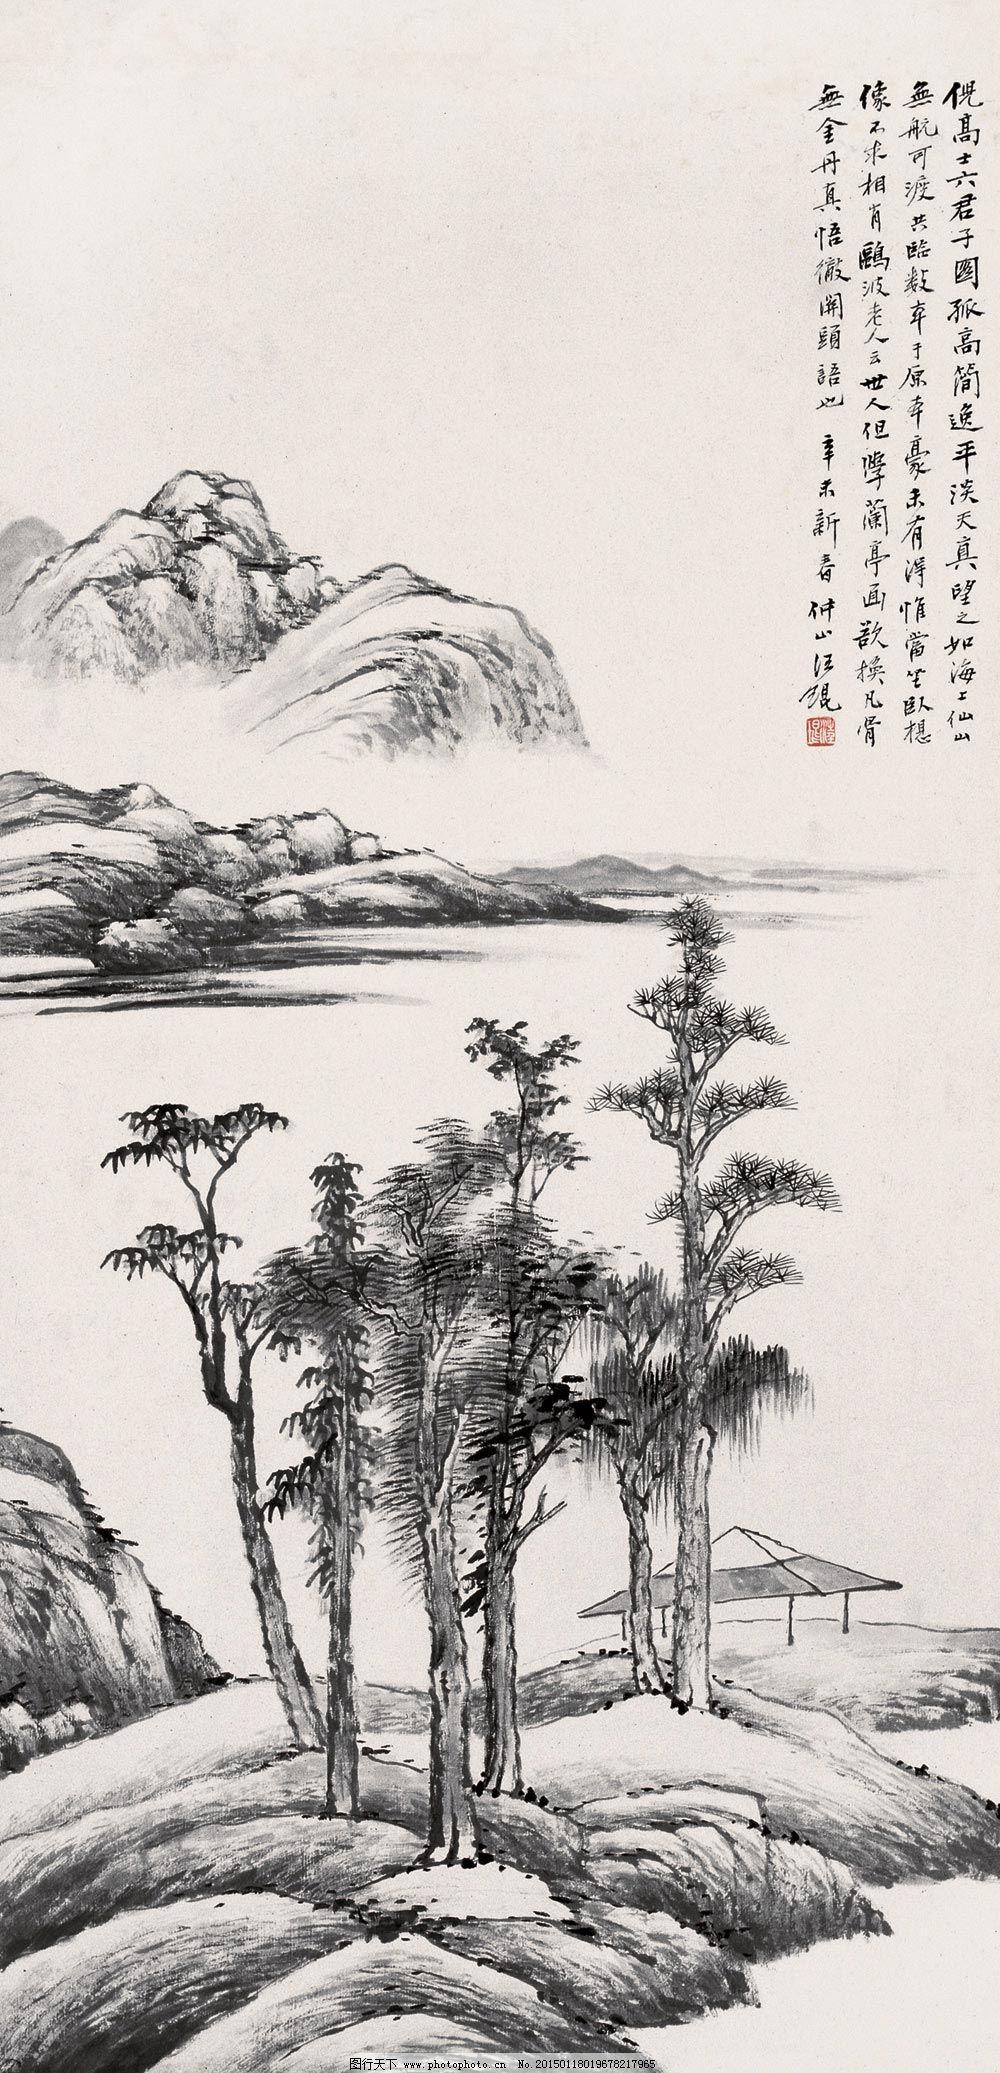 中国画 中国画 立轴 兼工带写山水画 水墨风景 远山 松树 柏树 樟树